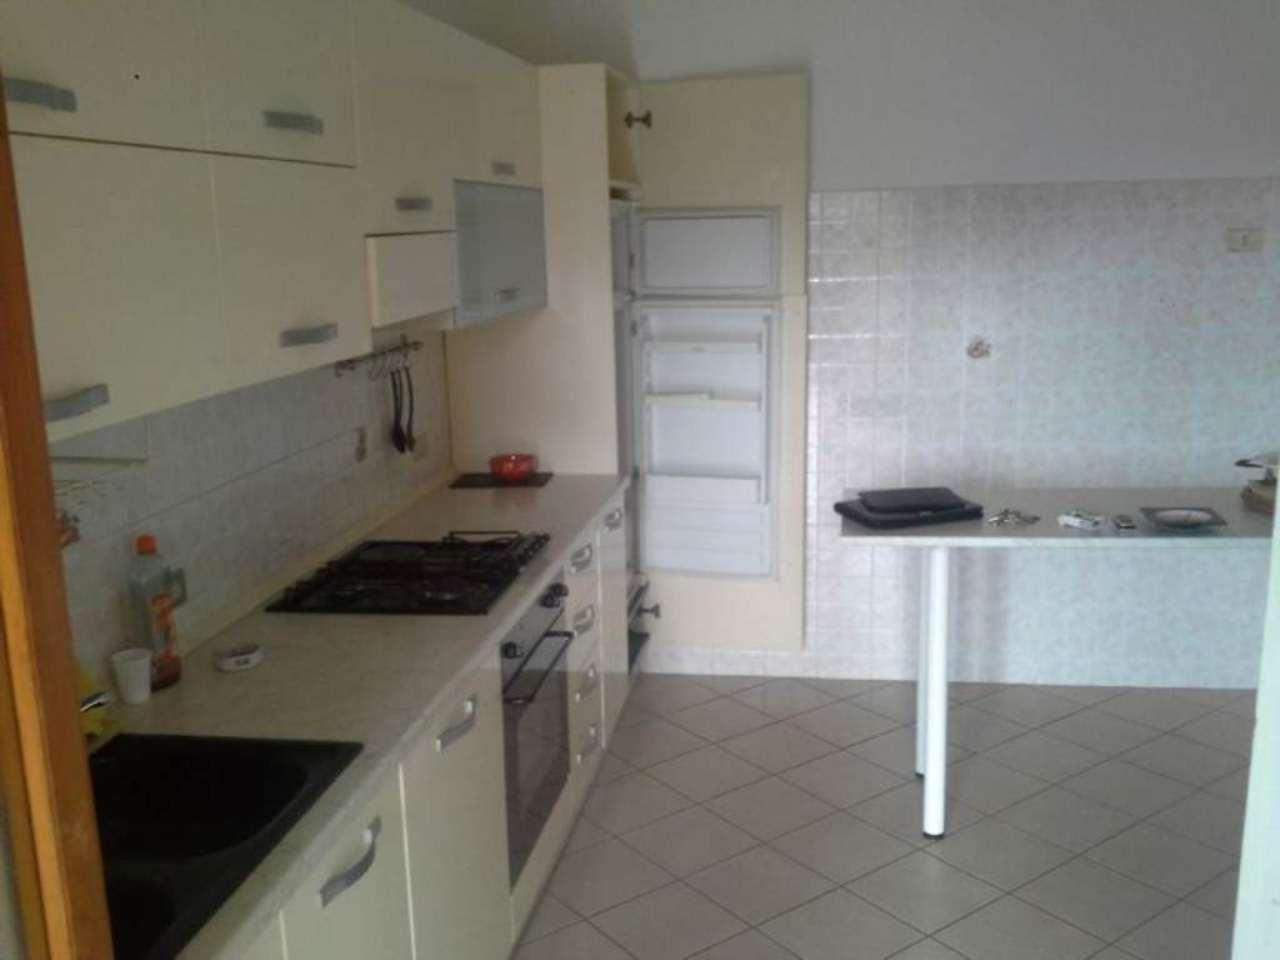 Appartamento in vendita a Cuggiono, 3 locali, prezzo € 105.000 | PortaleAgenzieImmobiliari.it